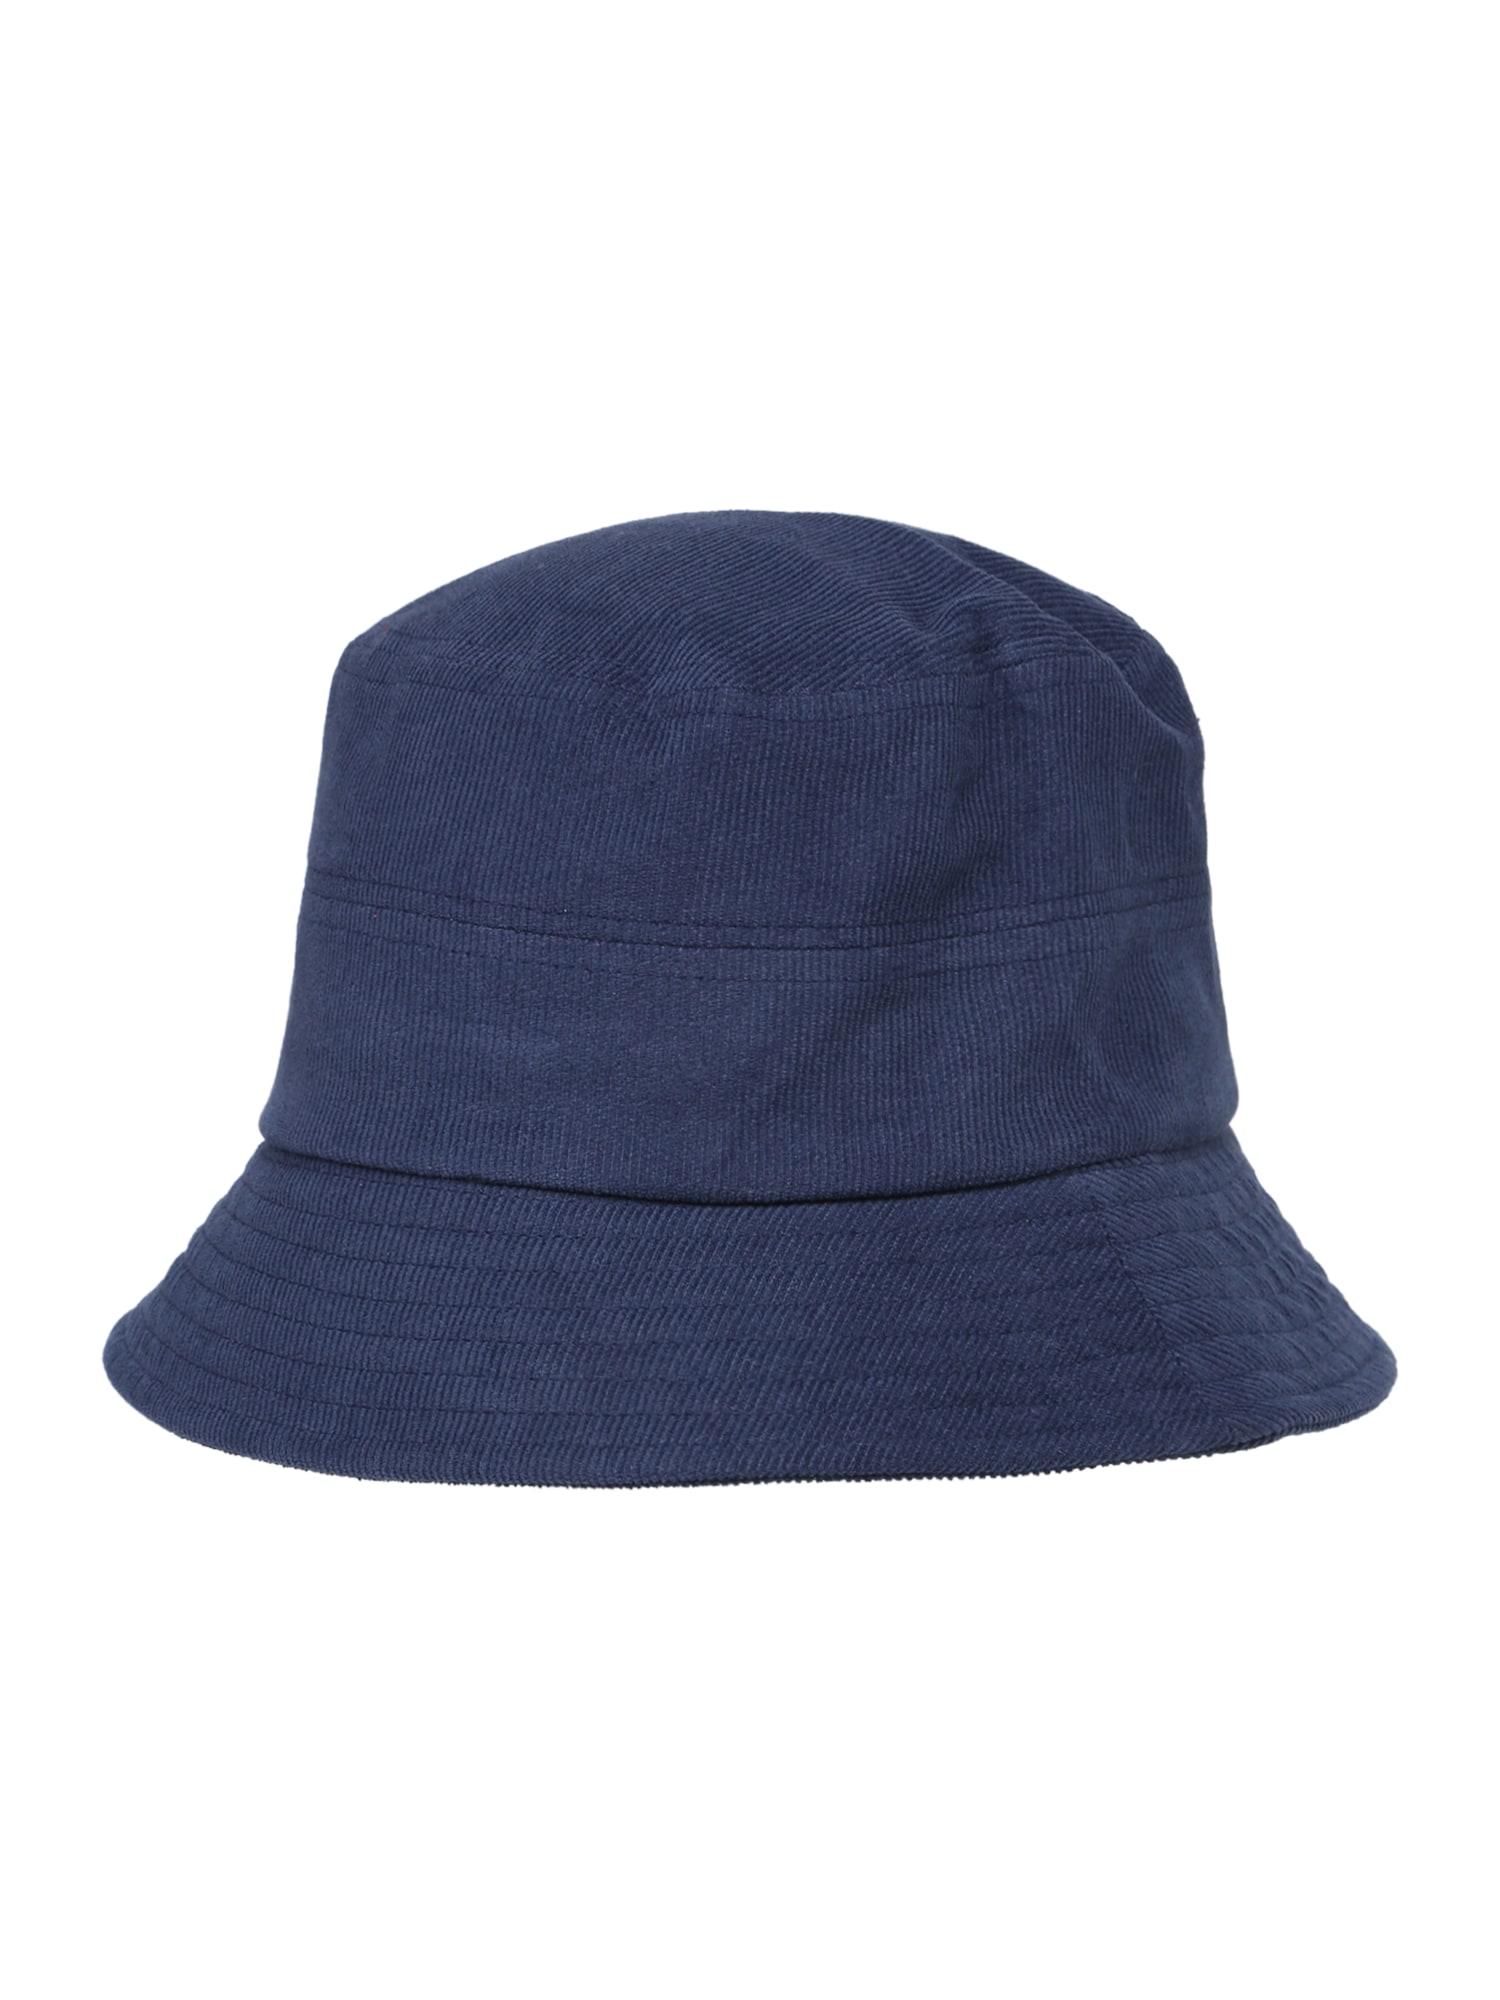 Čepice PAM BUCKET HAT 104 tmavě modrá OBJECT